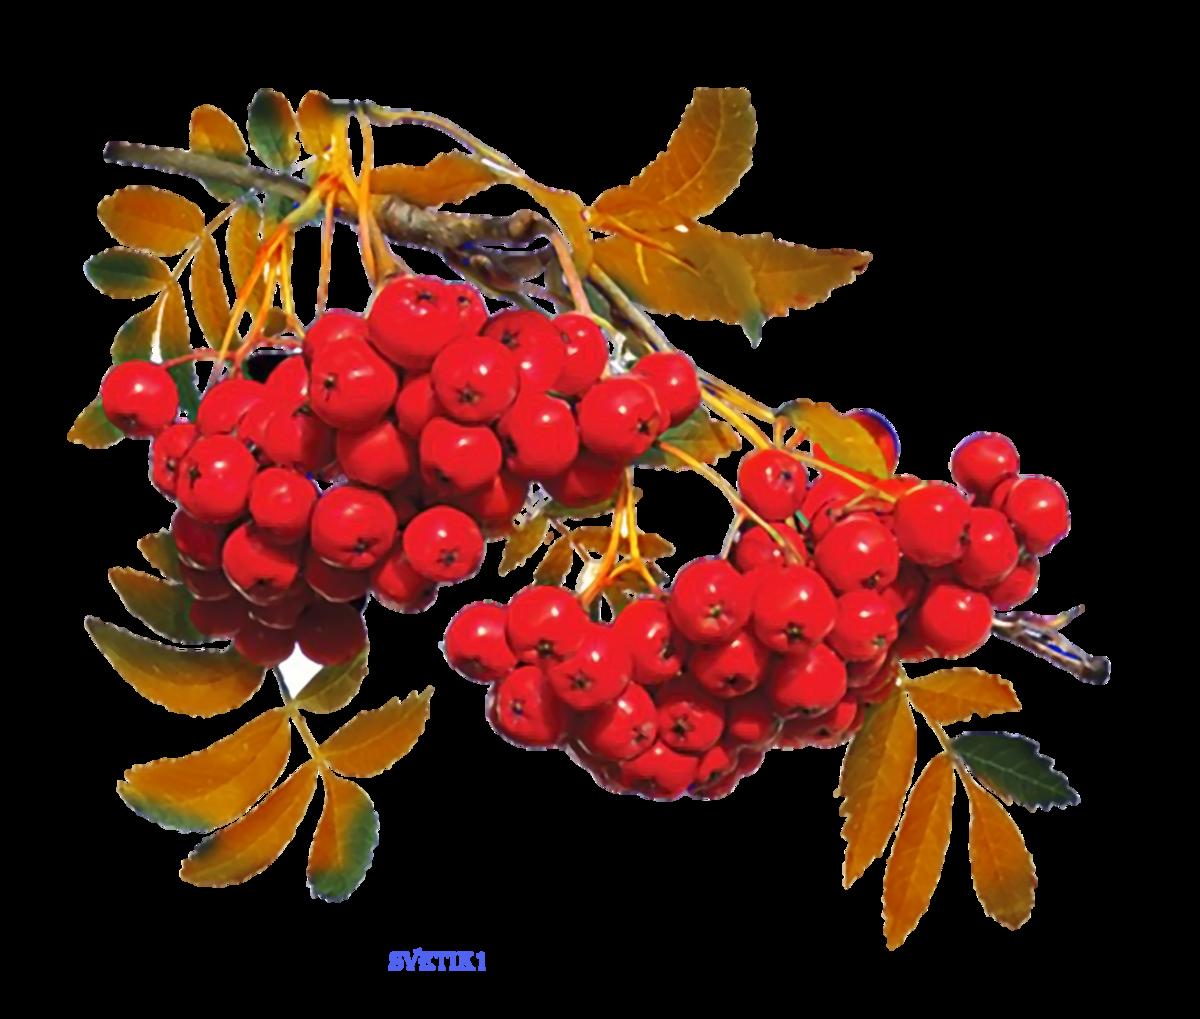 созо пойму картинка ветки рябины с ягодами вдоль тихоокеанского